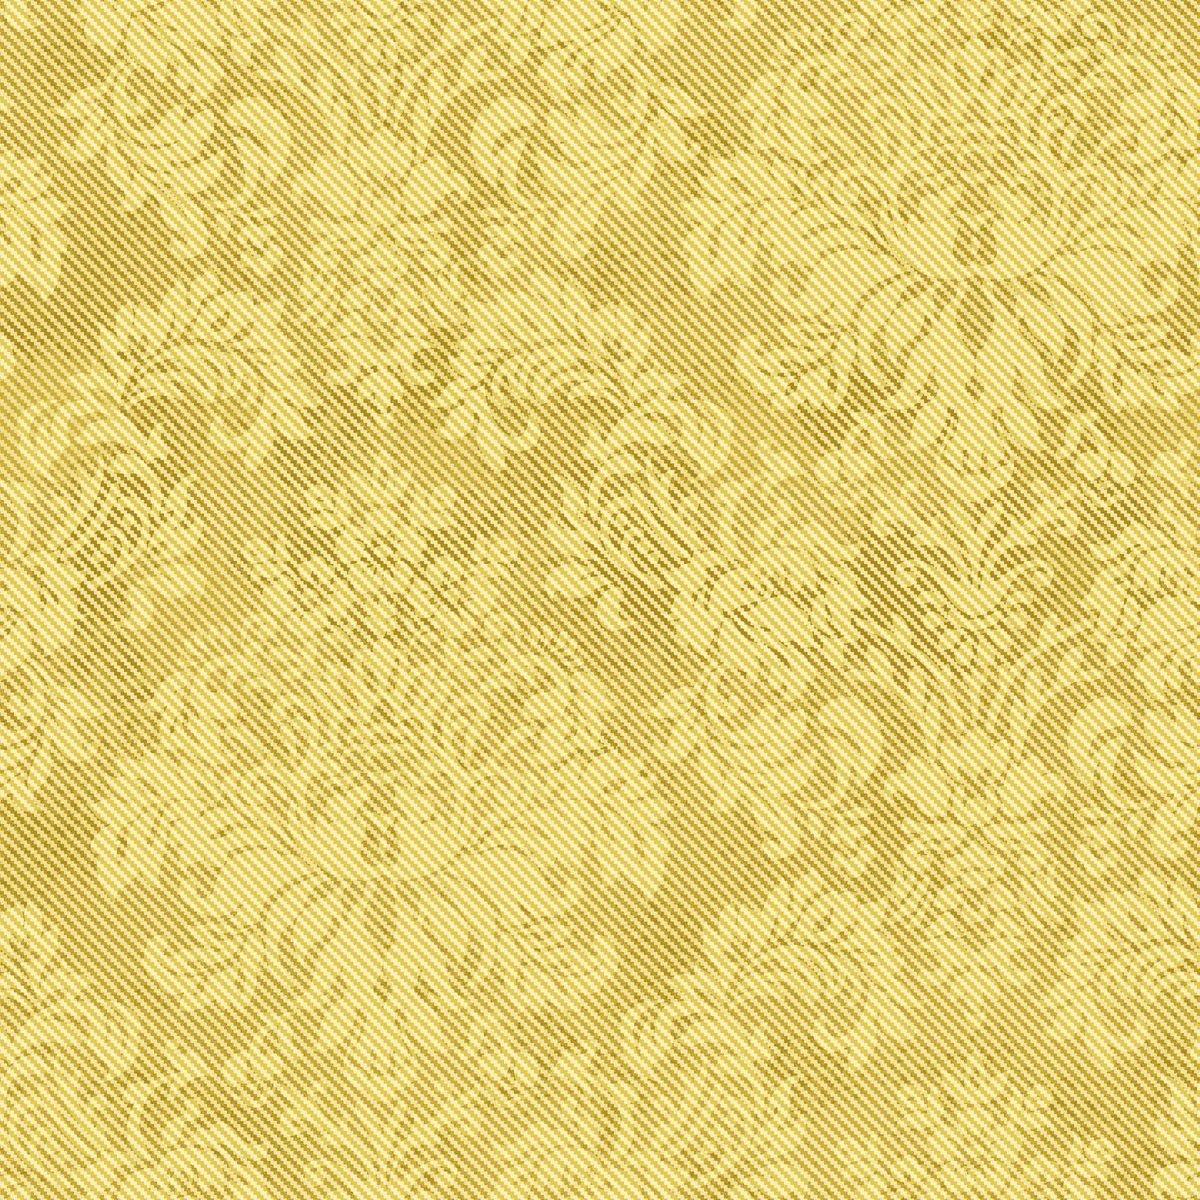 HG-Christmas Legend 9519-33 Gold - Damask